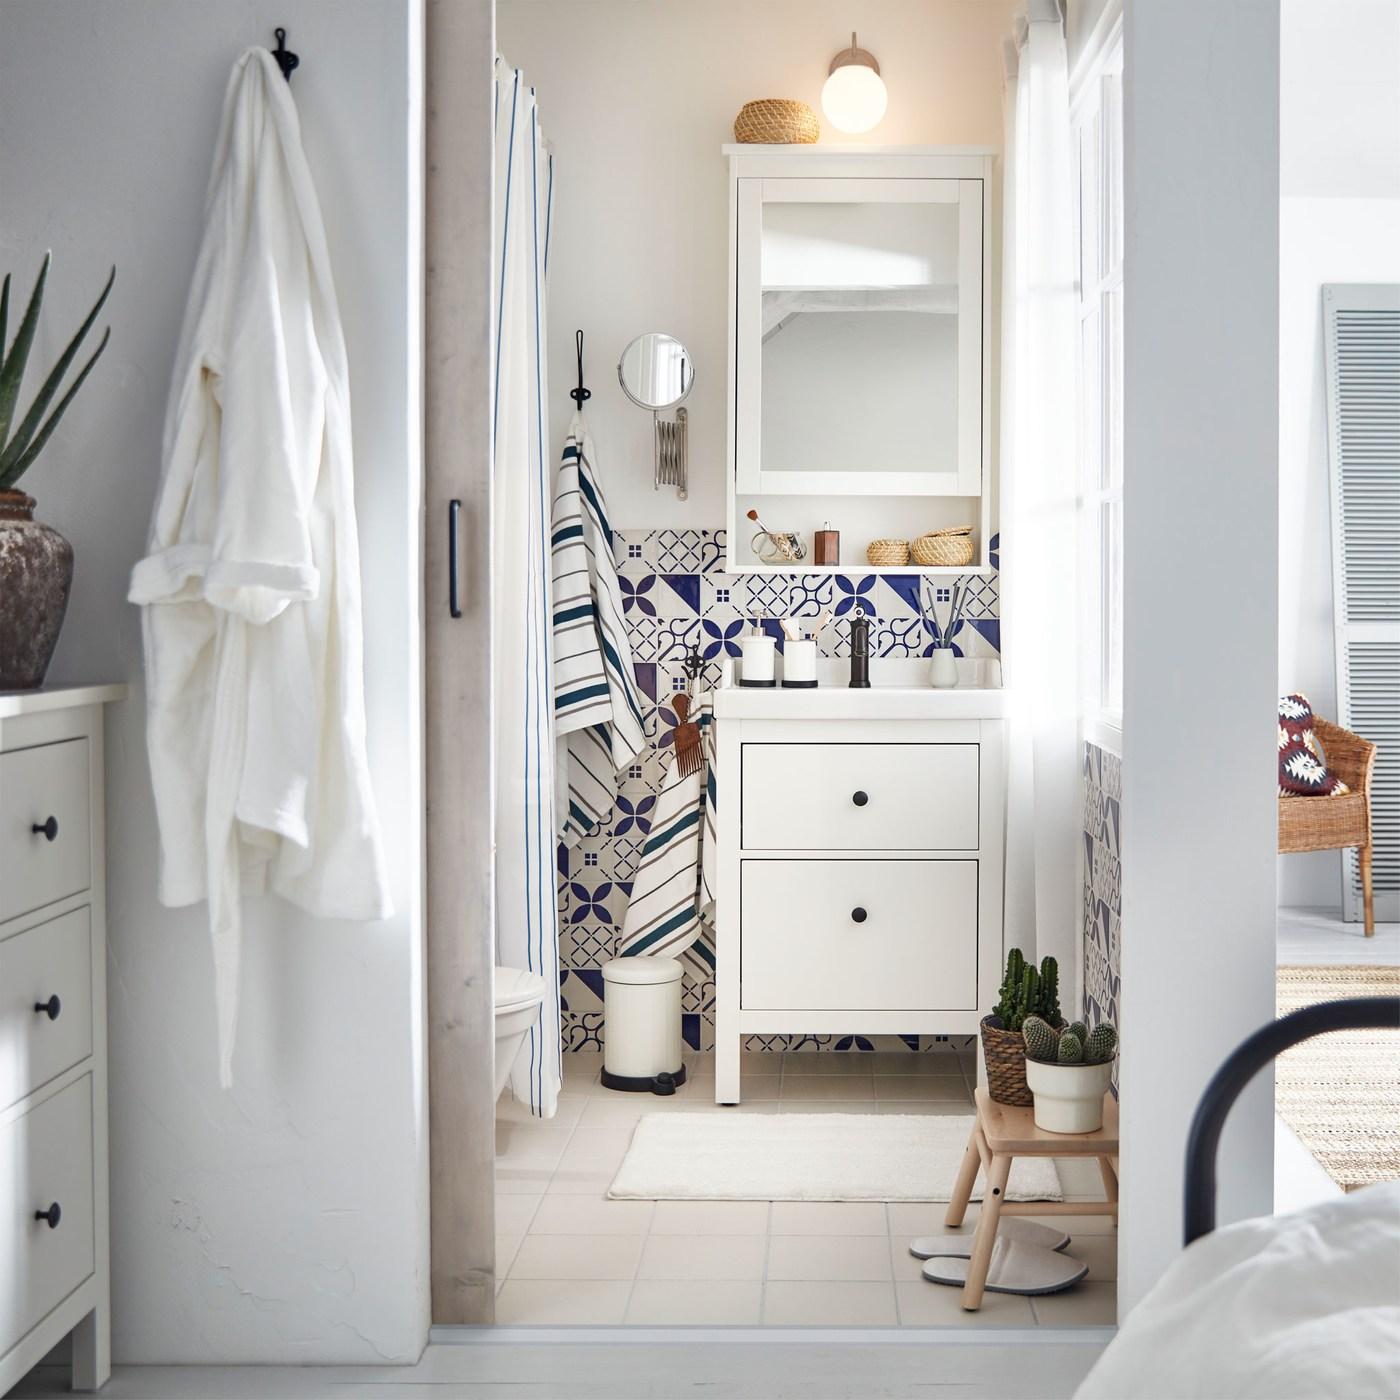 Une jolie salle de bain en parfait accord ikea - Luminaire pour salle de bain ikea ...